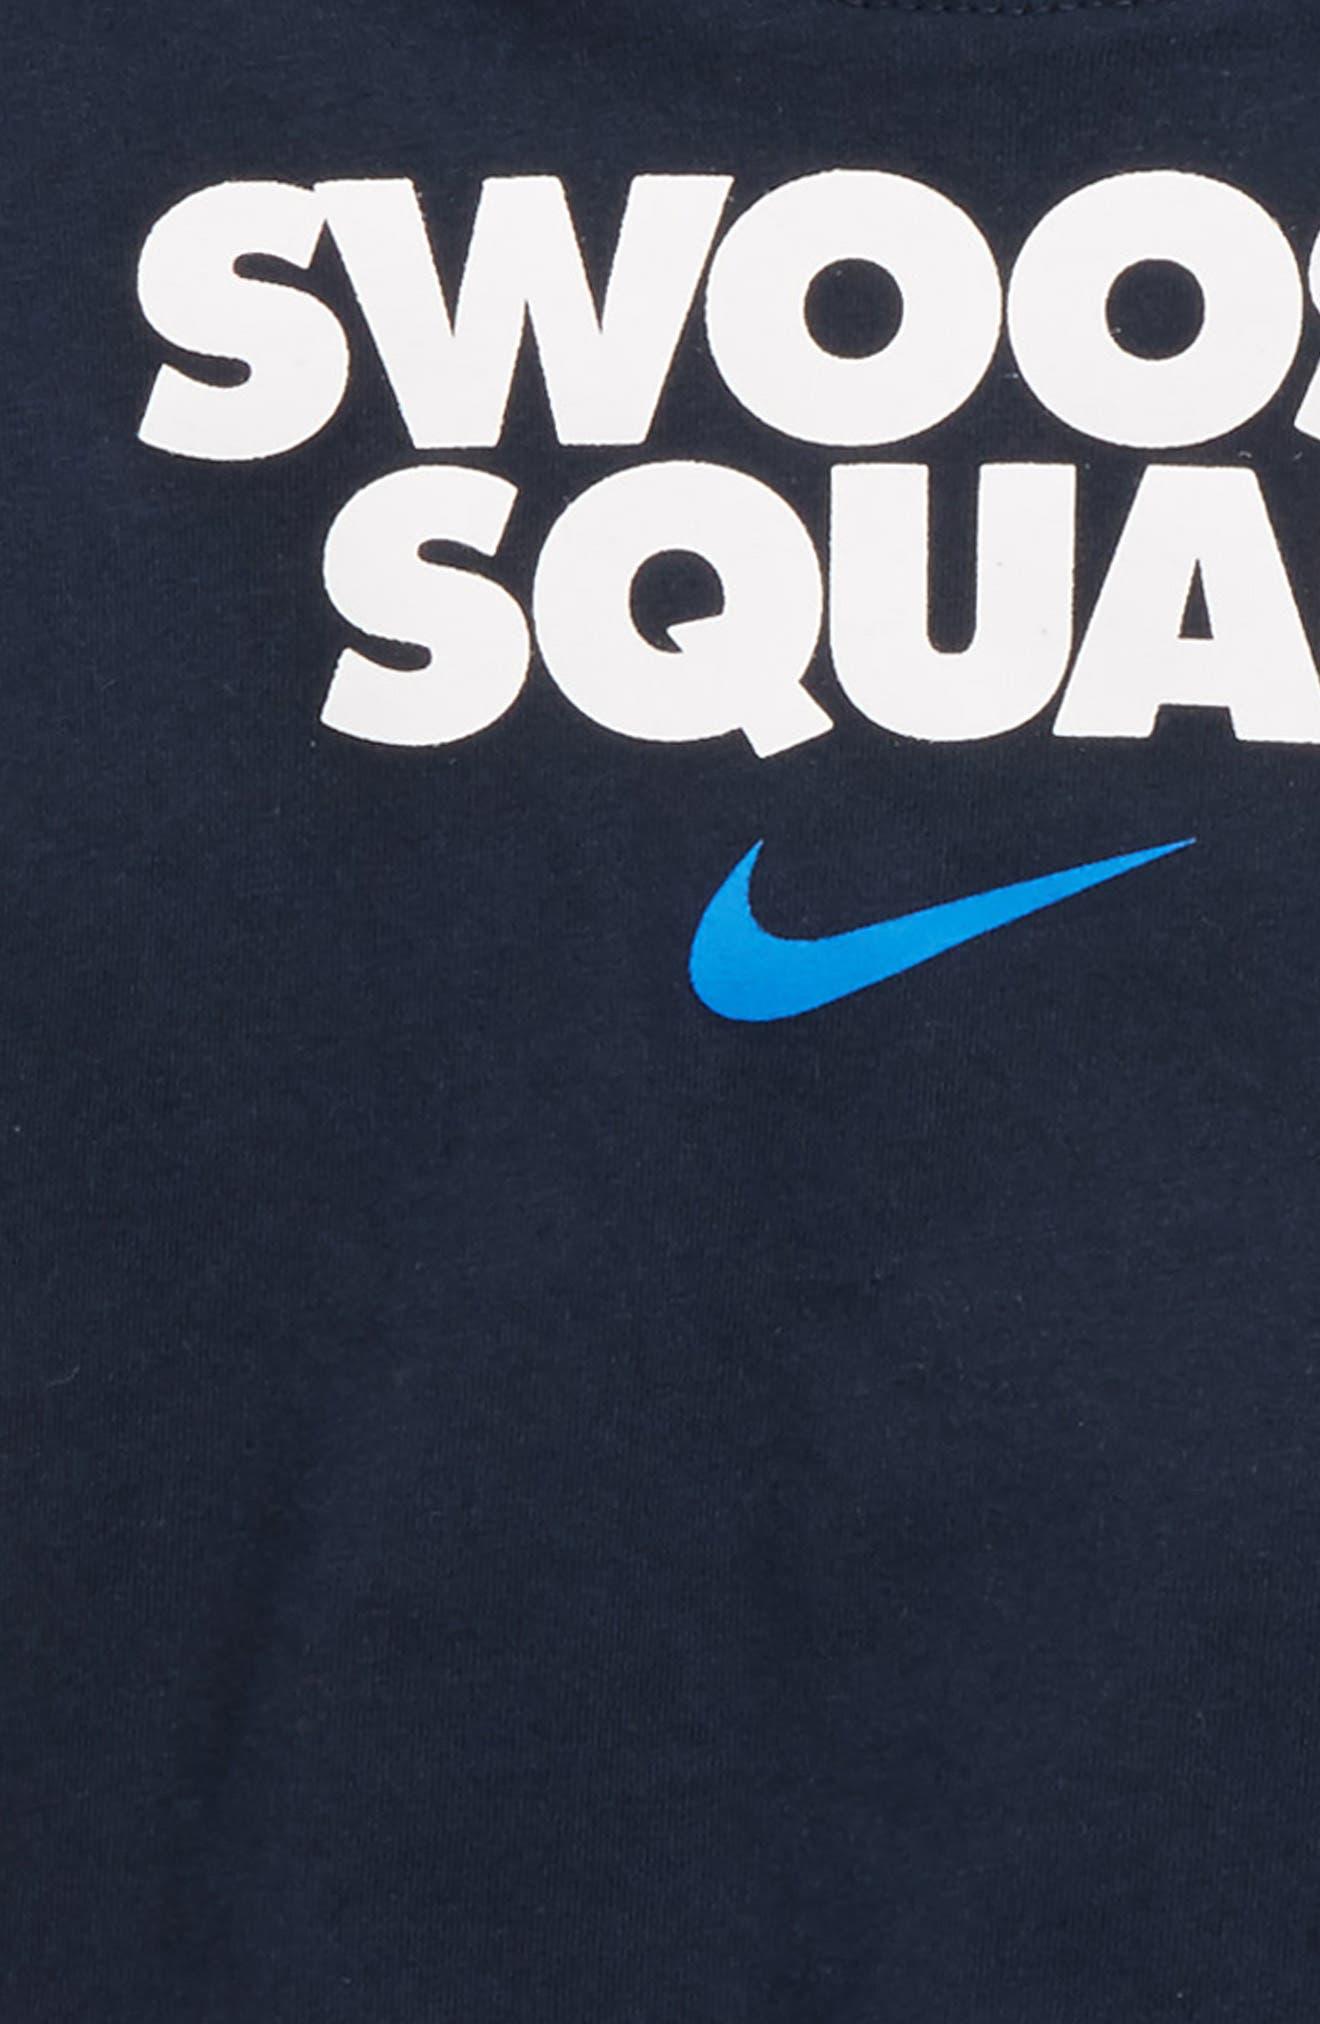 Swoosh Squad T-Shirt & Shorts Set,                             Alternate thumbnail 2, color,                             Hyper Royal